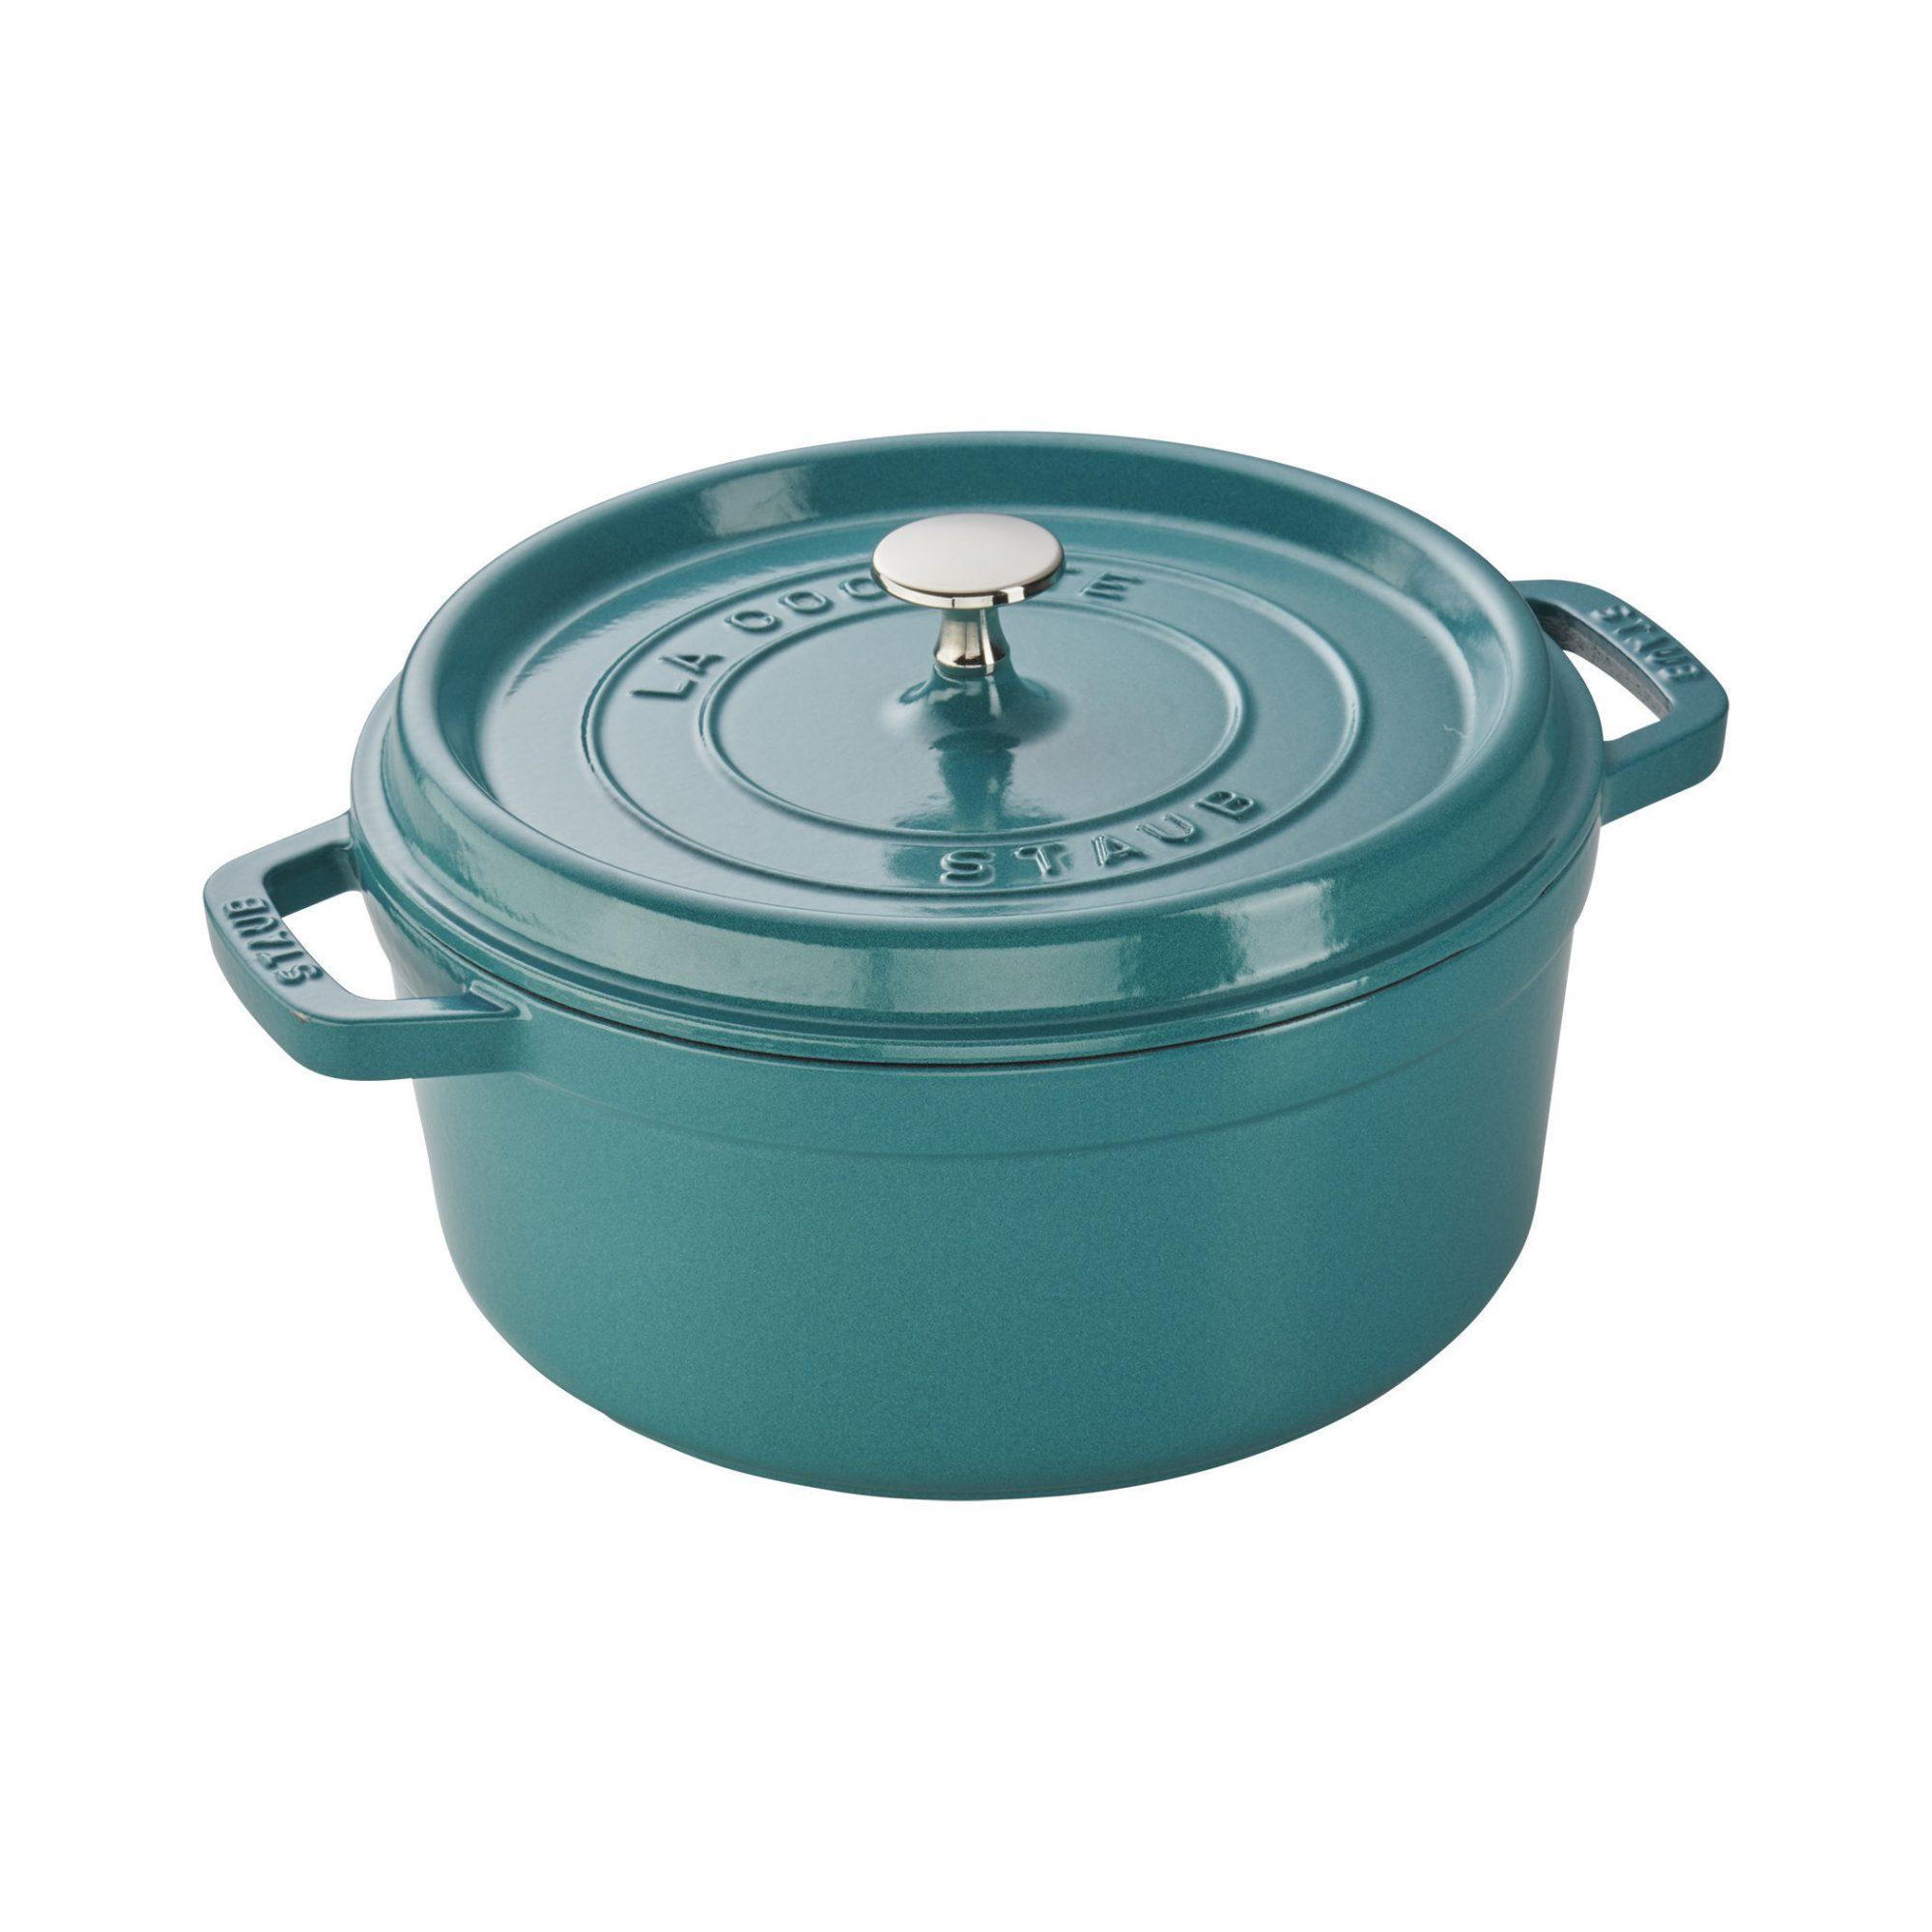 Turquoise Staub 4 Quart Cocotte